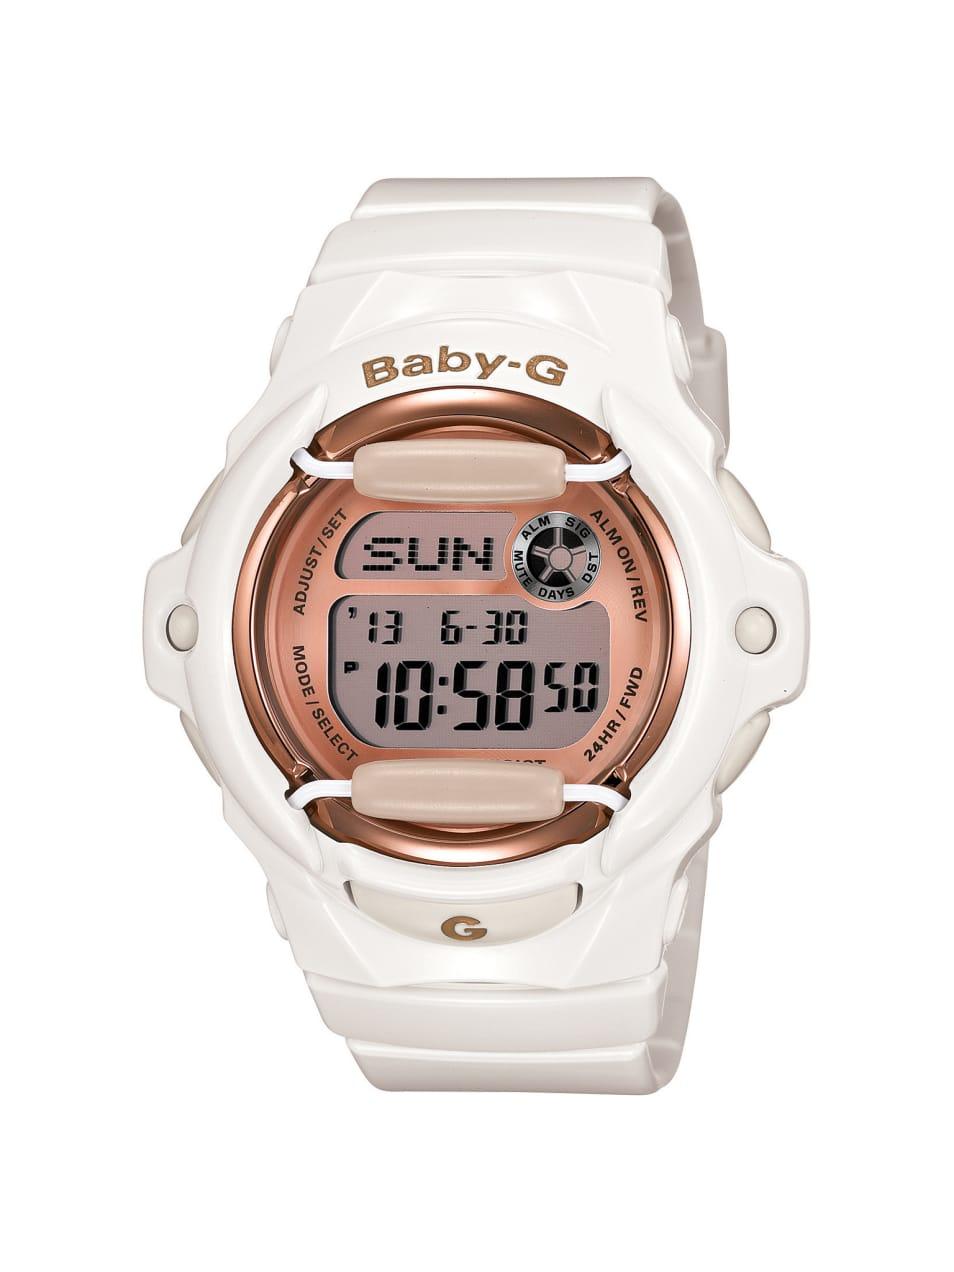 BABY-G BG-169G-7JF